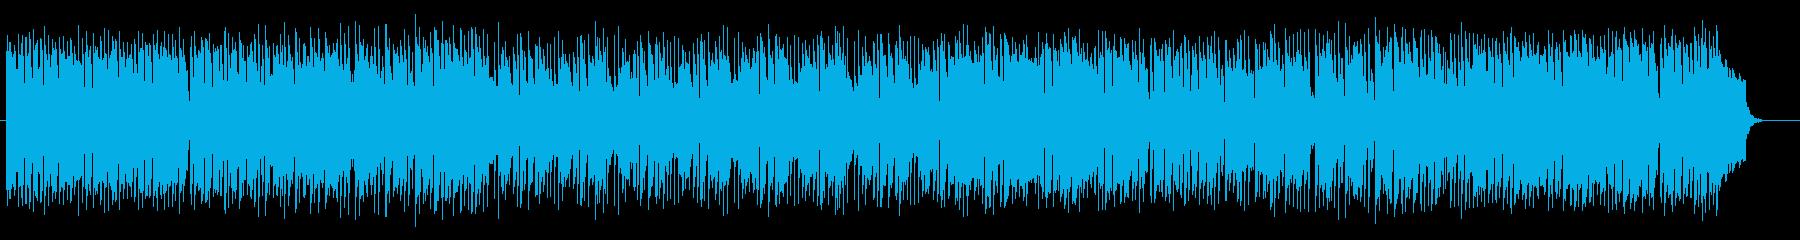 音階を回るように上がっていくシンセ曲の再生済みの波形